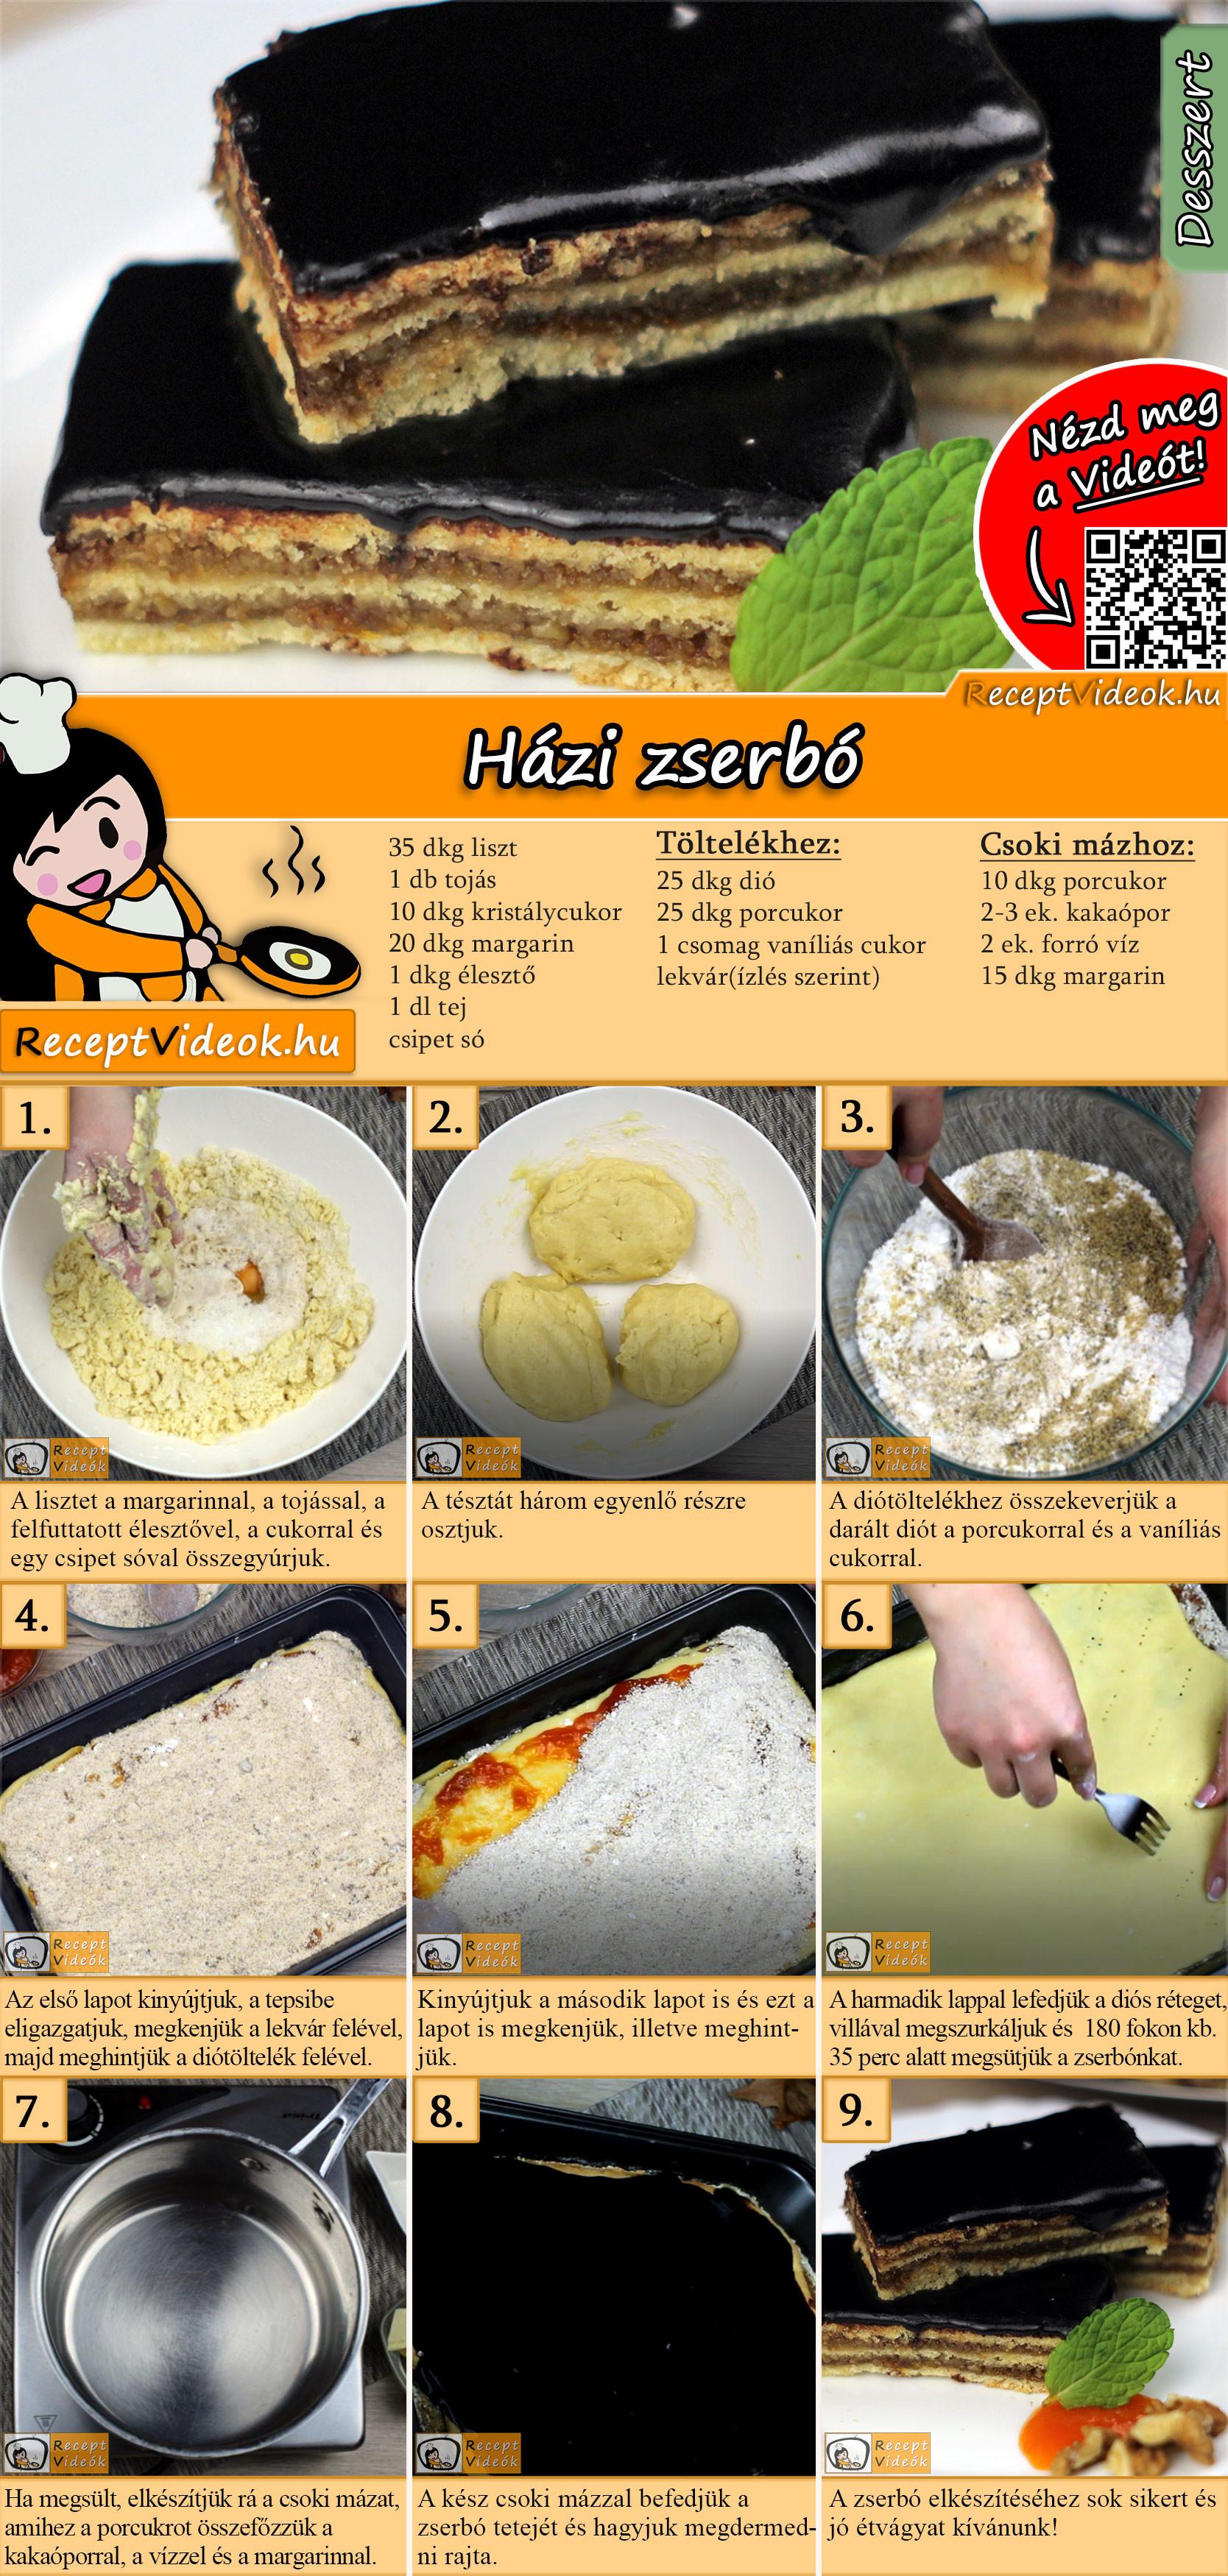 Házi zserbó recept elkészítése videóval